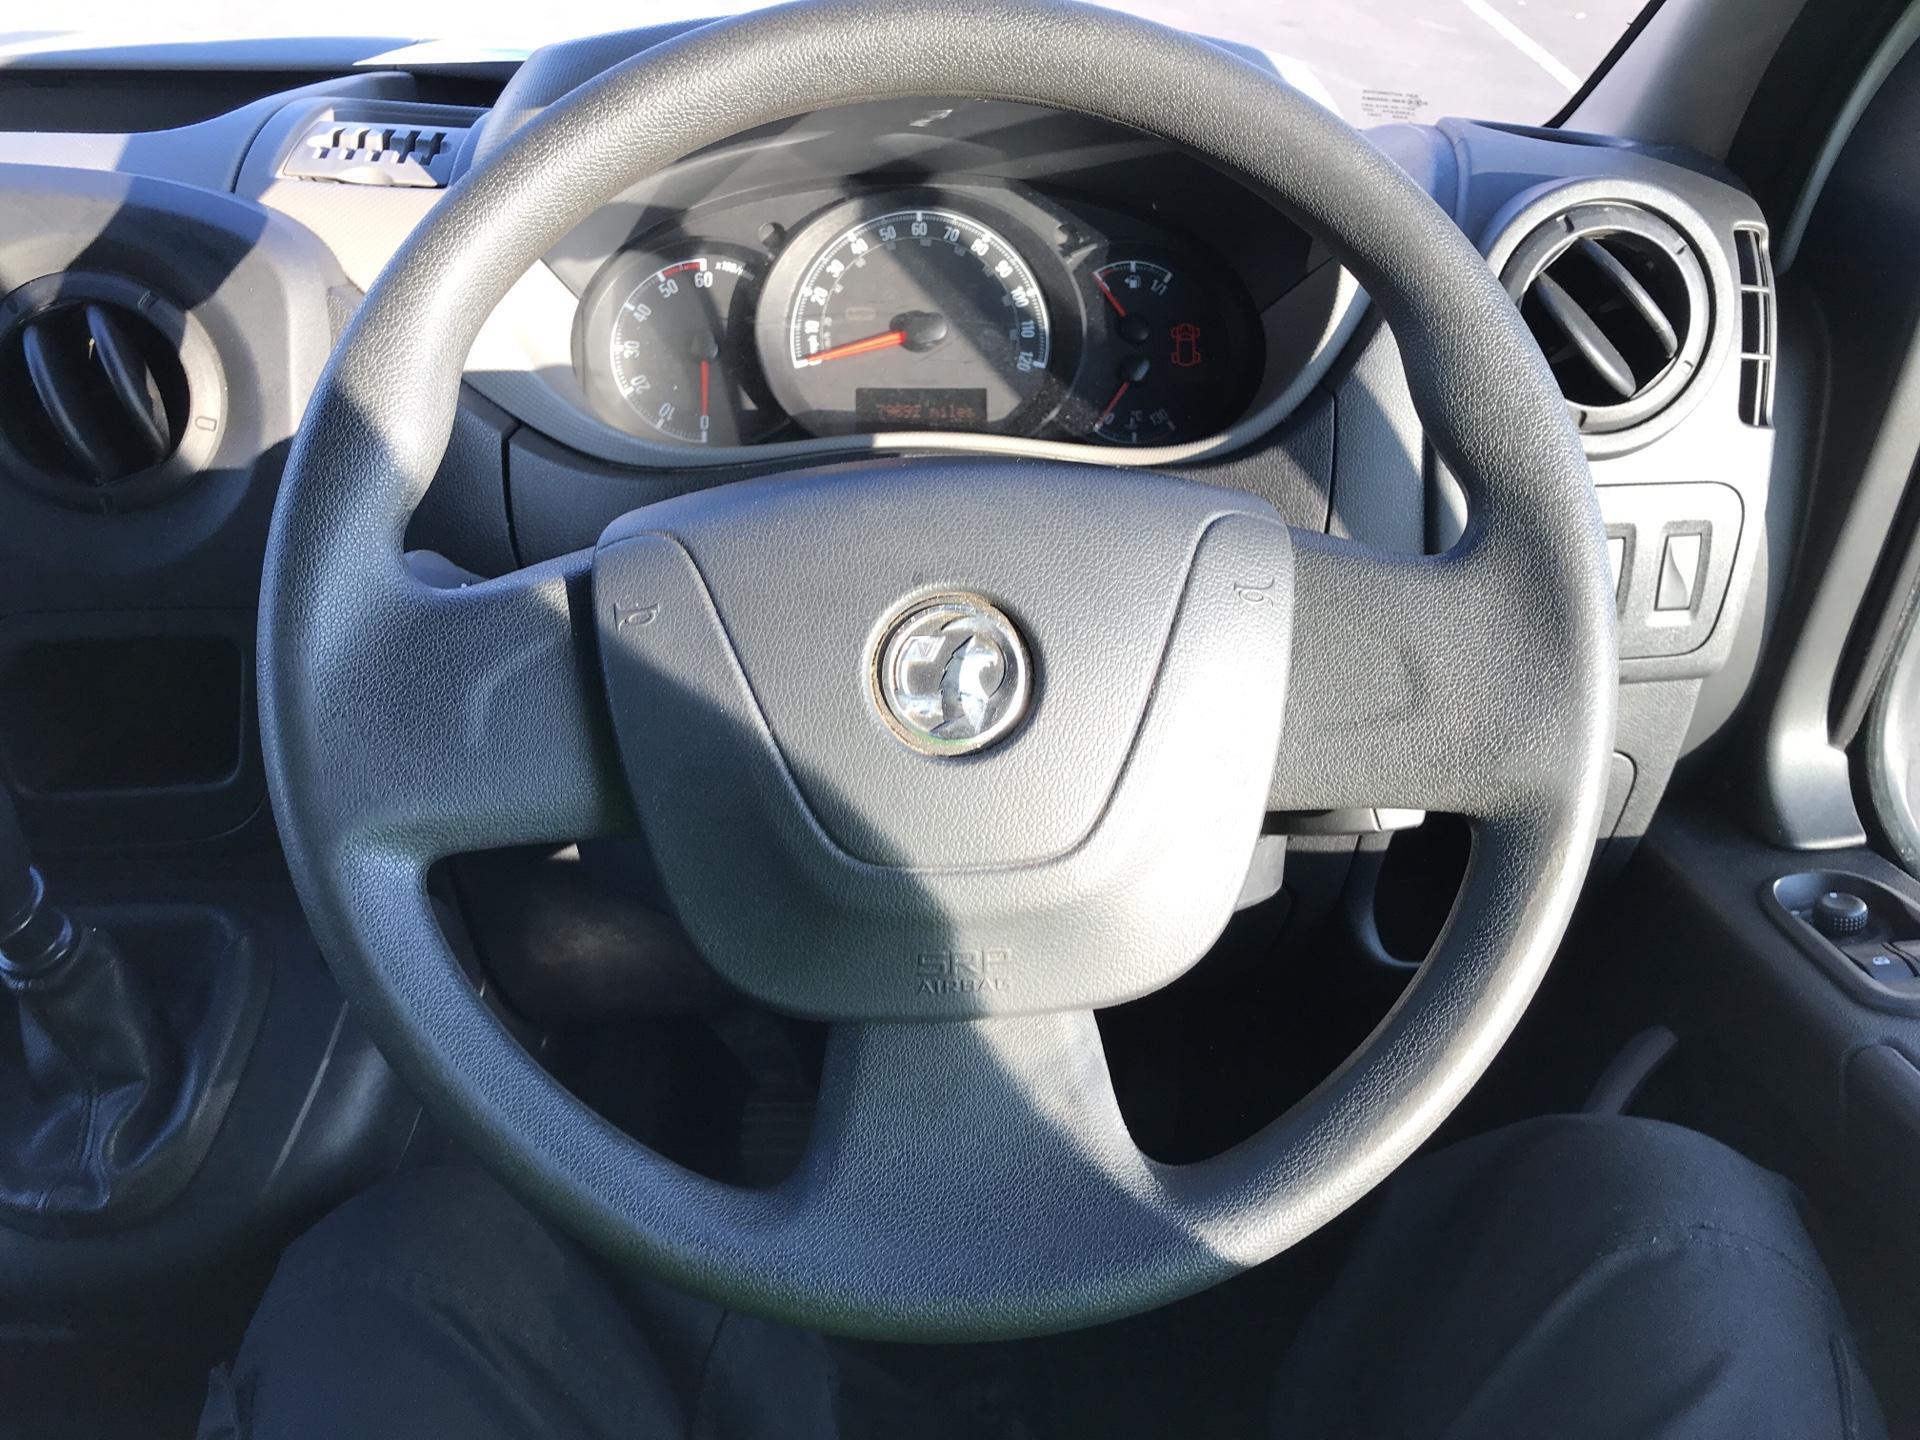 2016 Vauxhall Movano 2.3 Cdti LWB LO Loader Luton Box Van Euro 6  (DU66TBV) Image 12